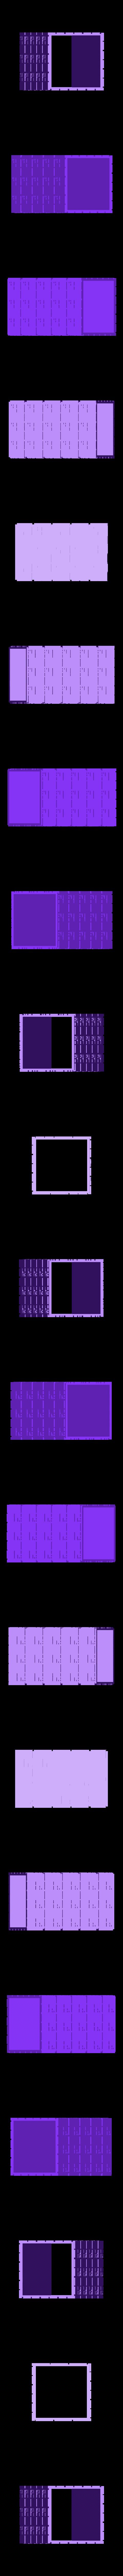 Castle_Body_Blank.stl Télécharger fichier STL gratuit Castle Dice Tower Combo • Modèle imprimable en 3D, mrhers2